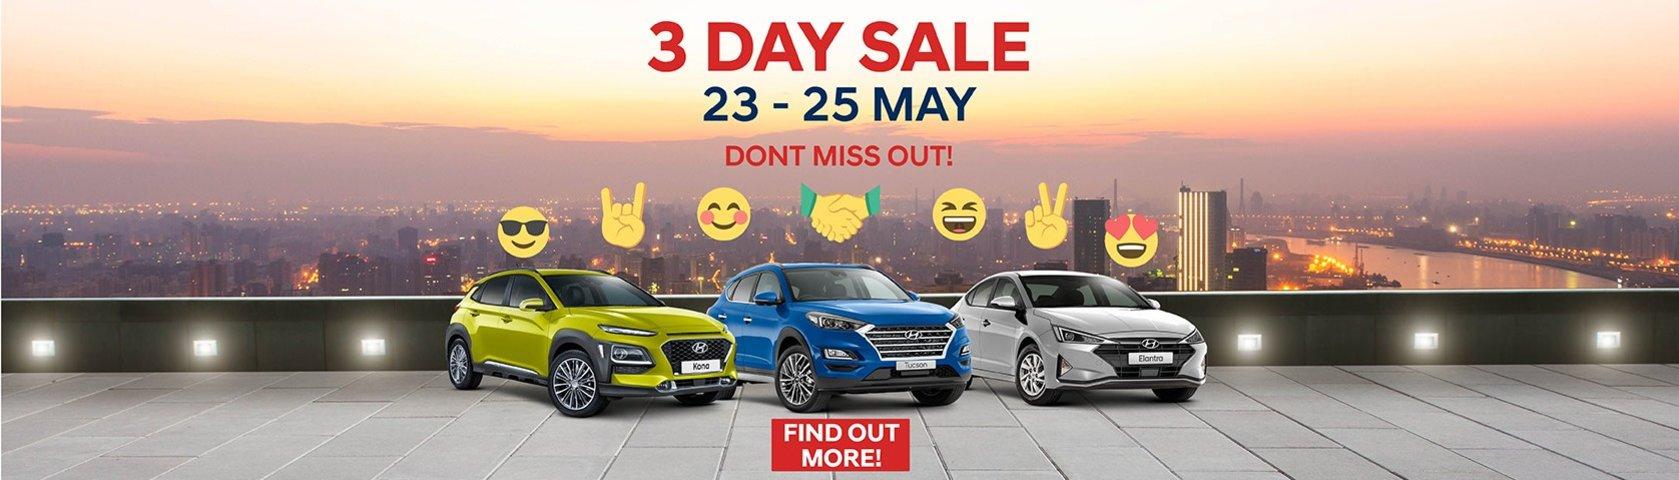 Mantello Hyundai - 3 Day Sale